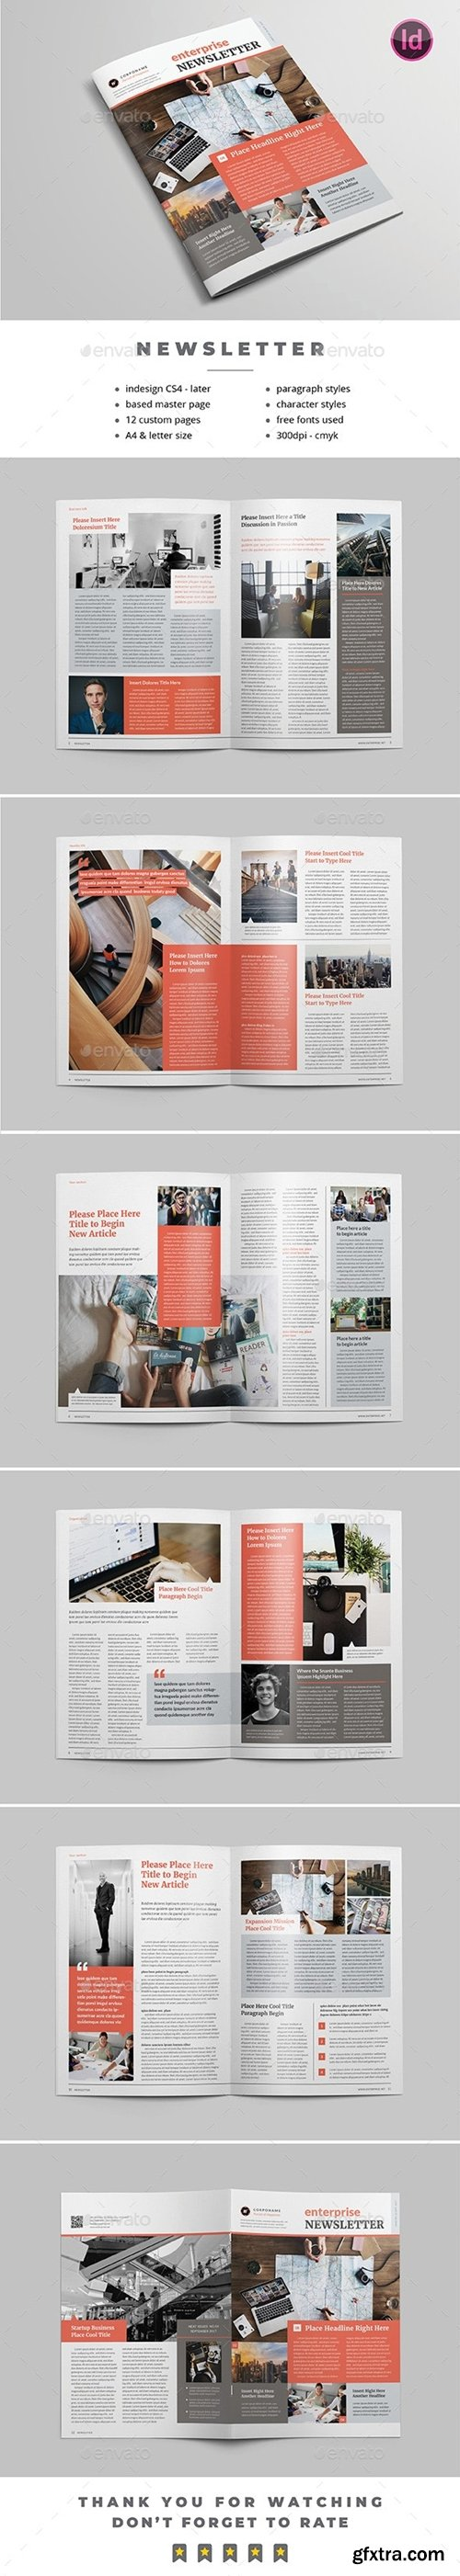 GraphicRiver - Multipurpose Newsletter v.05 20485362